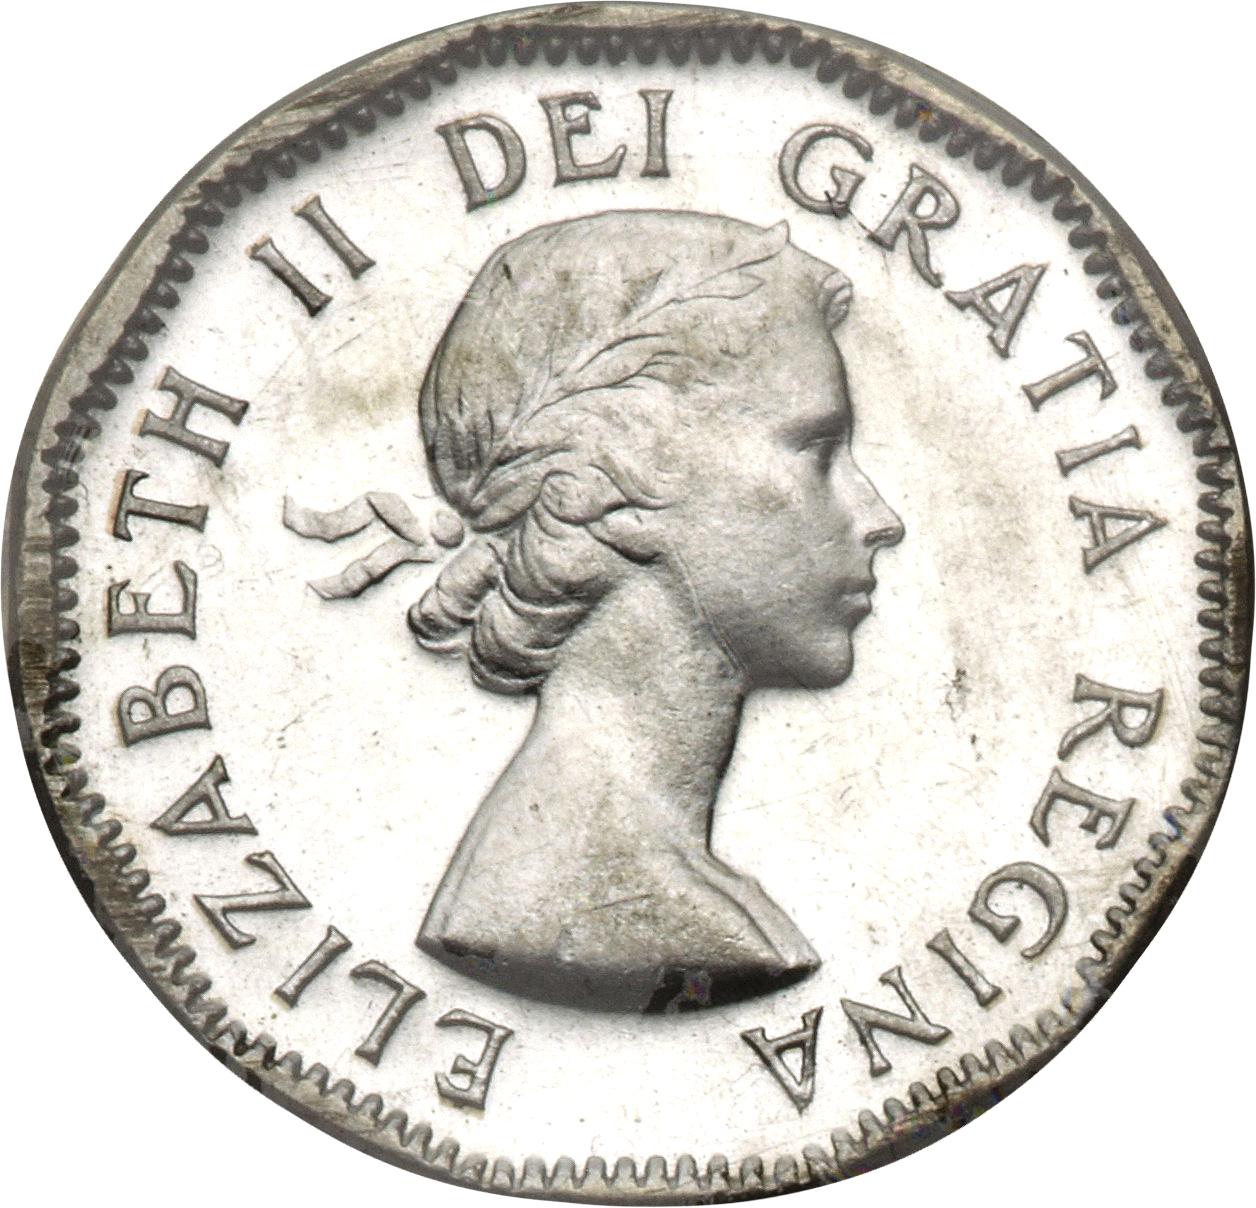 dei gratia regina elizabeth ii coin 1954